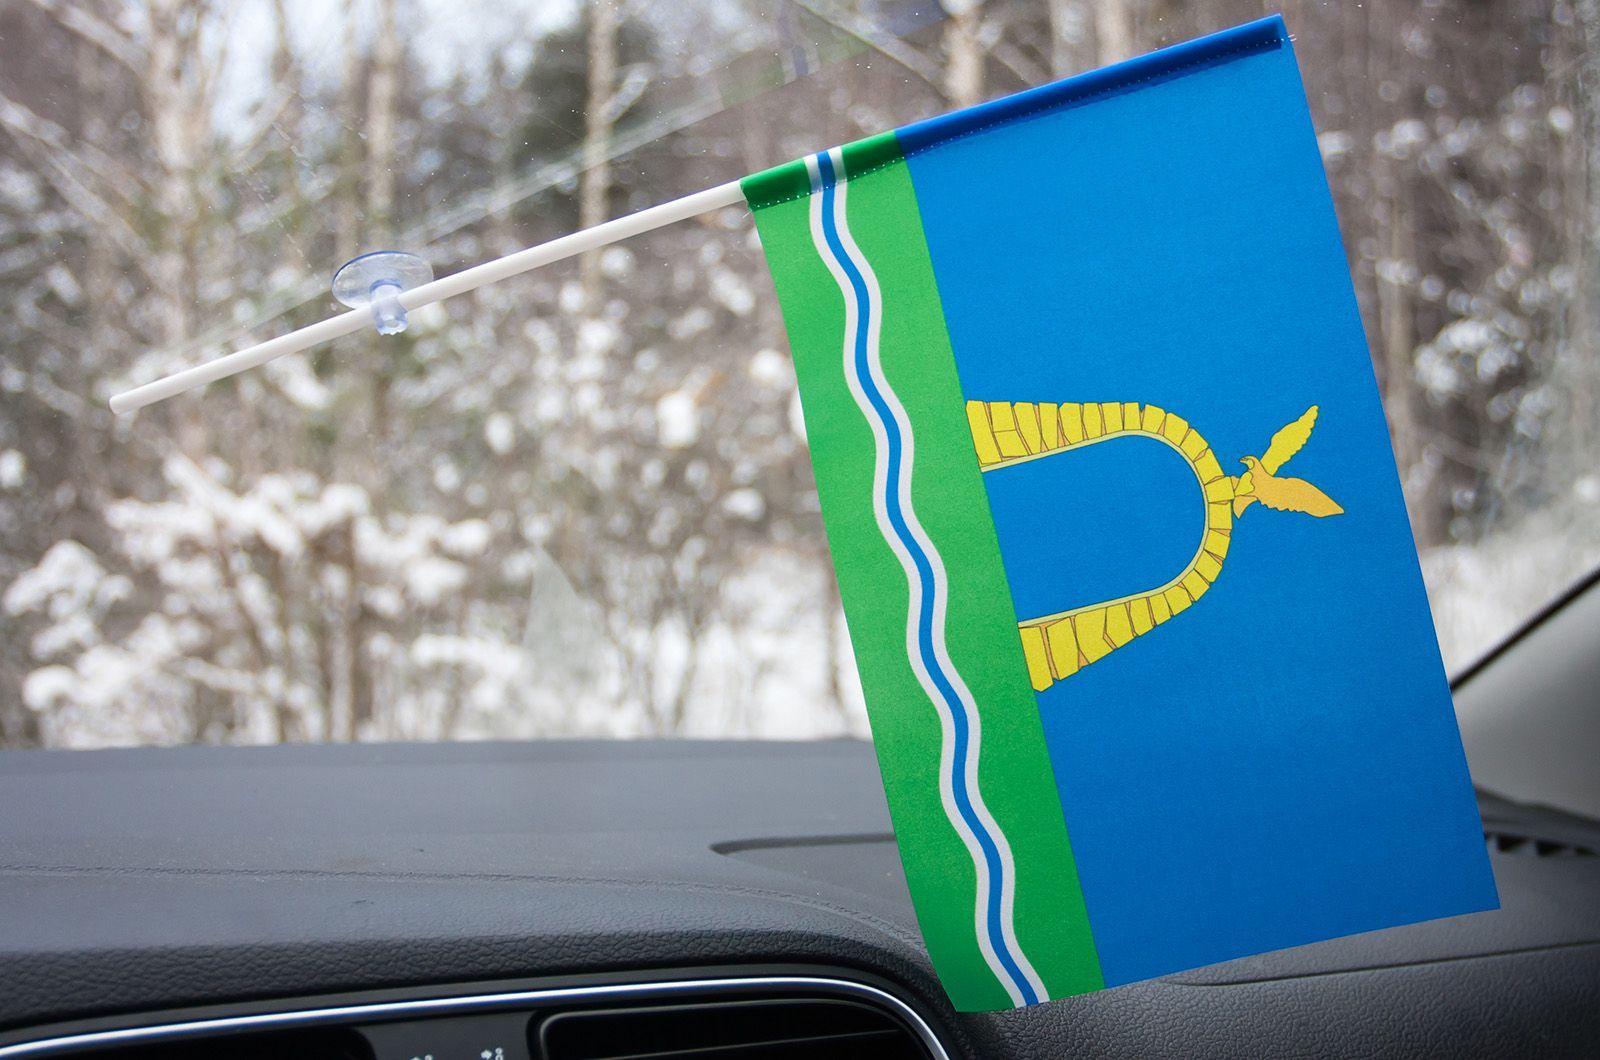 Флажок Батайска в машину